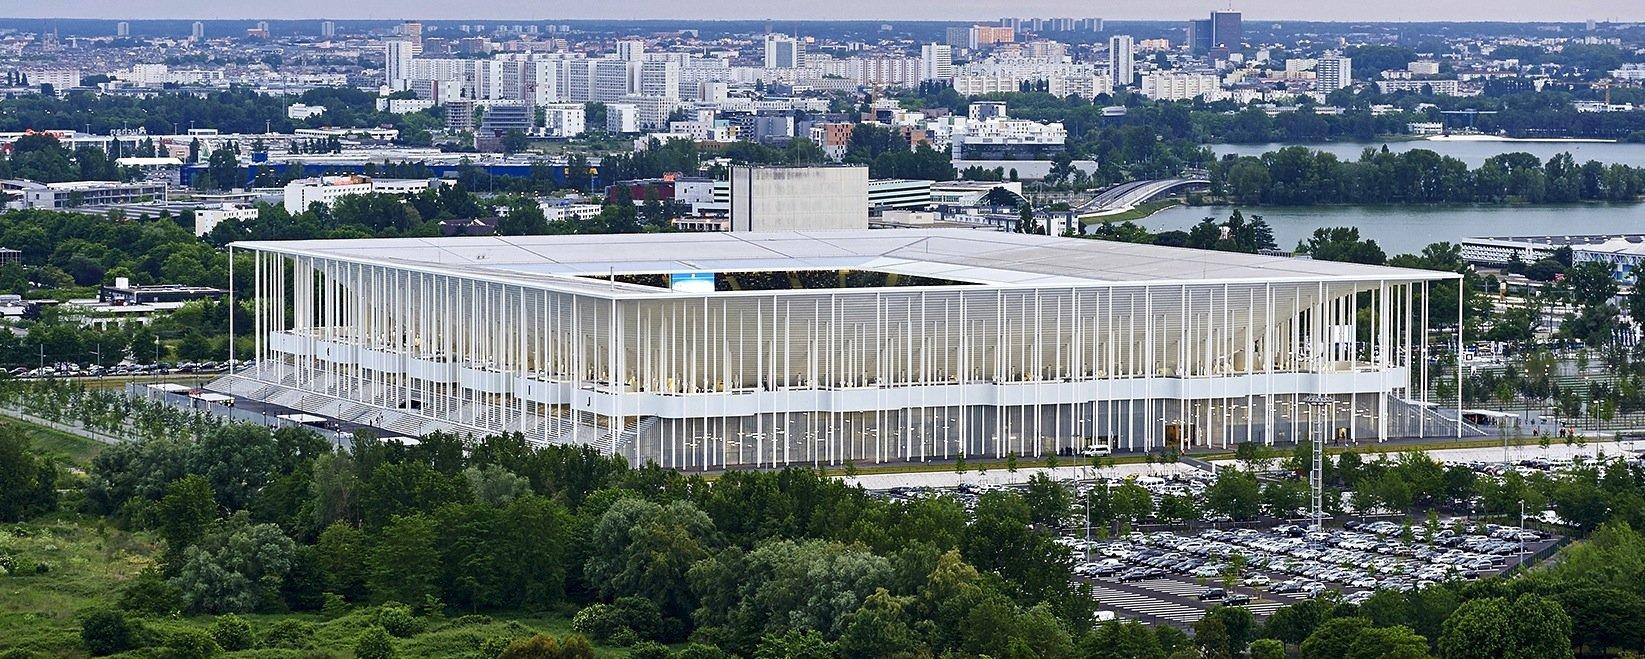 Das neue Stadion in Bordeaux wurde von den Baseler Architekten Herzog & de Meuronerbaut, die auch das Stadion des FC Bayern München entworfen haben.Ein Wald aus schlanken Säulen trägt elegant das leicht wirkende Dach des Fußballstadions.